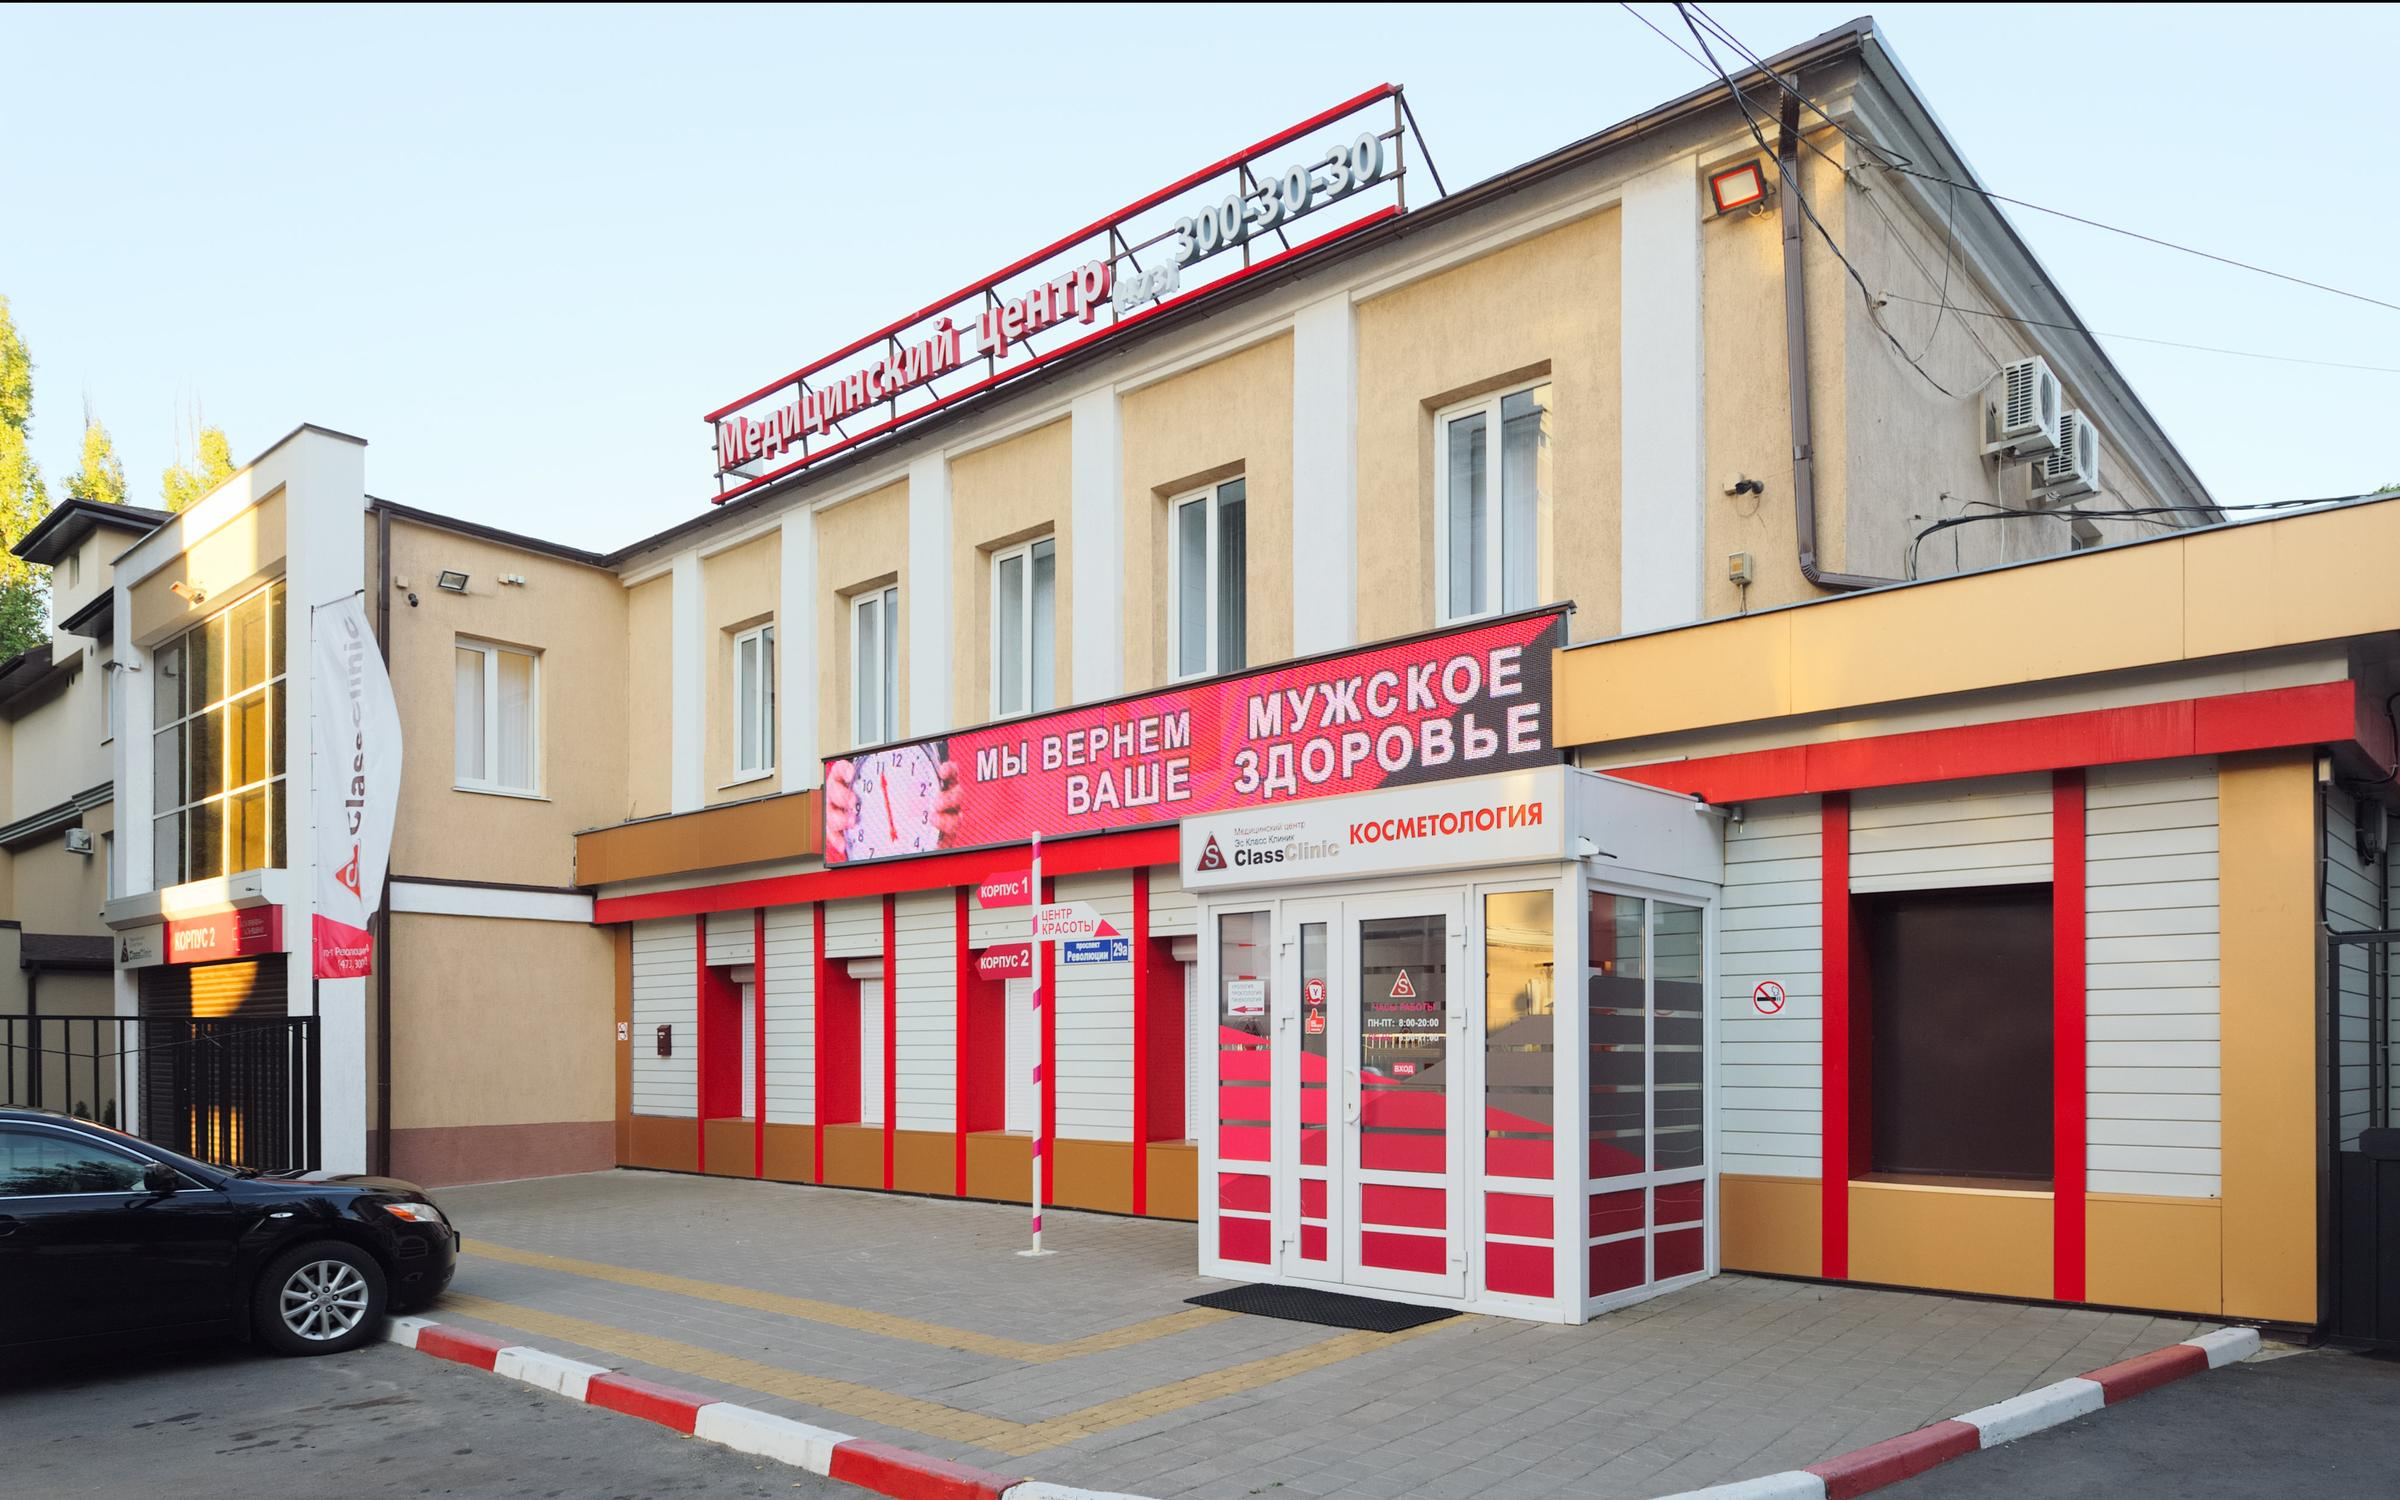 фотография Медицинского центра Эс Класс Клиник на проспекте Революции